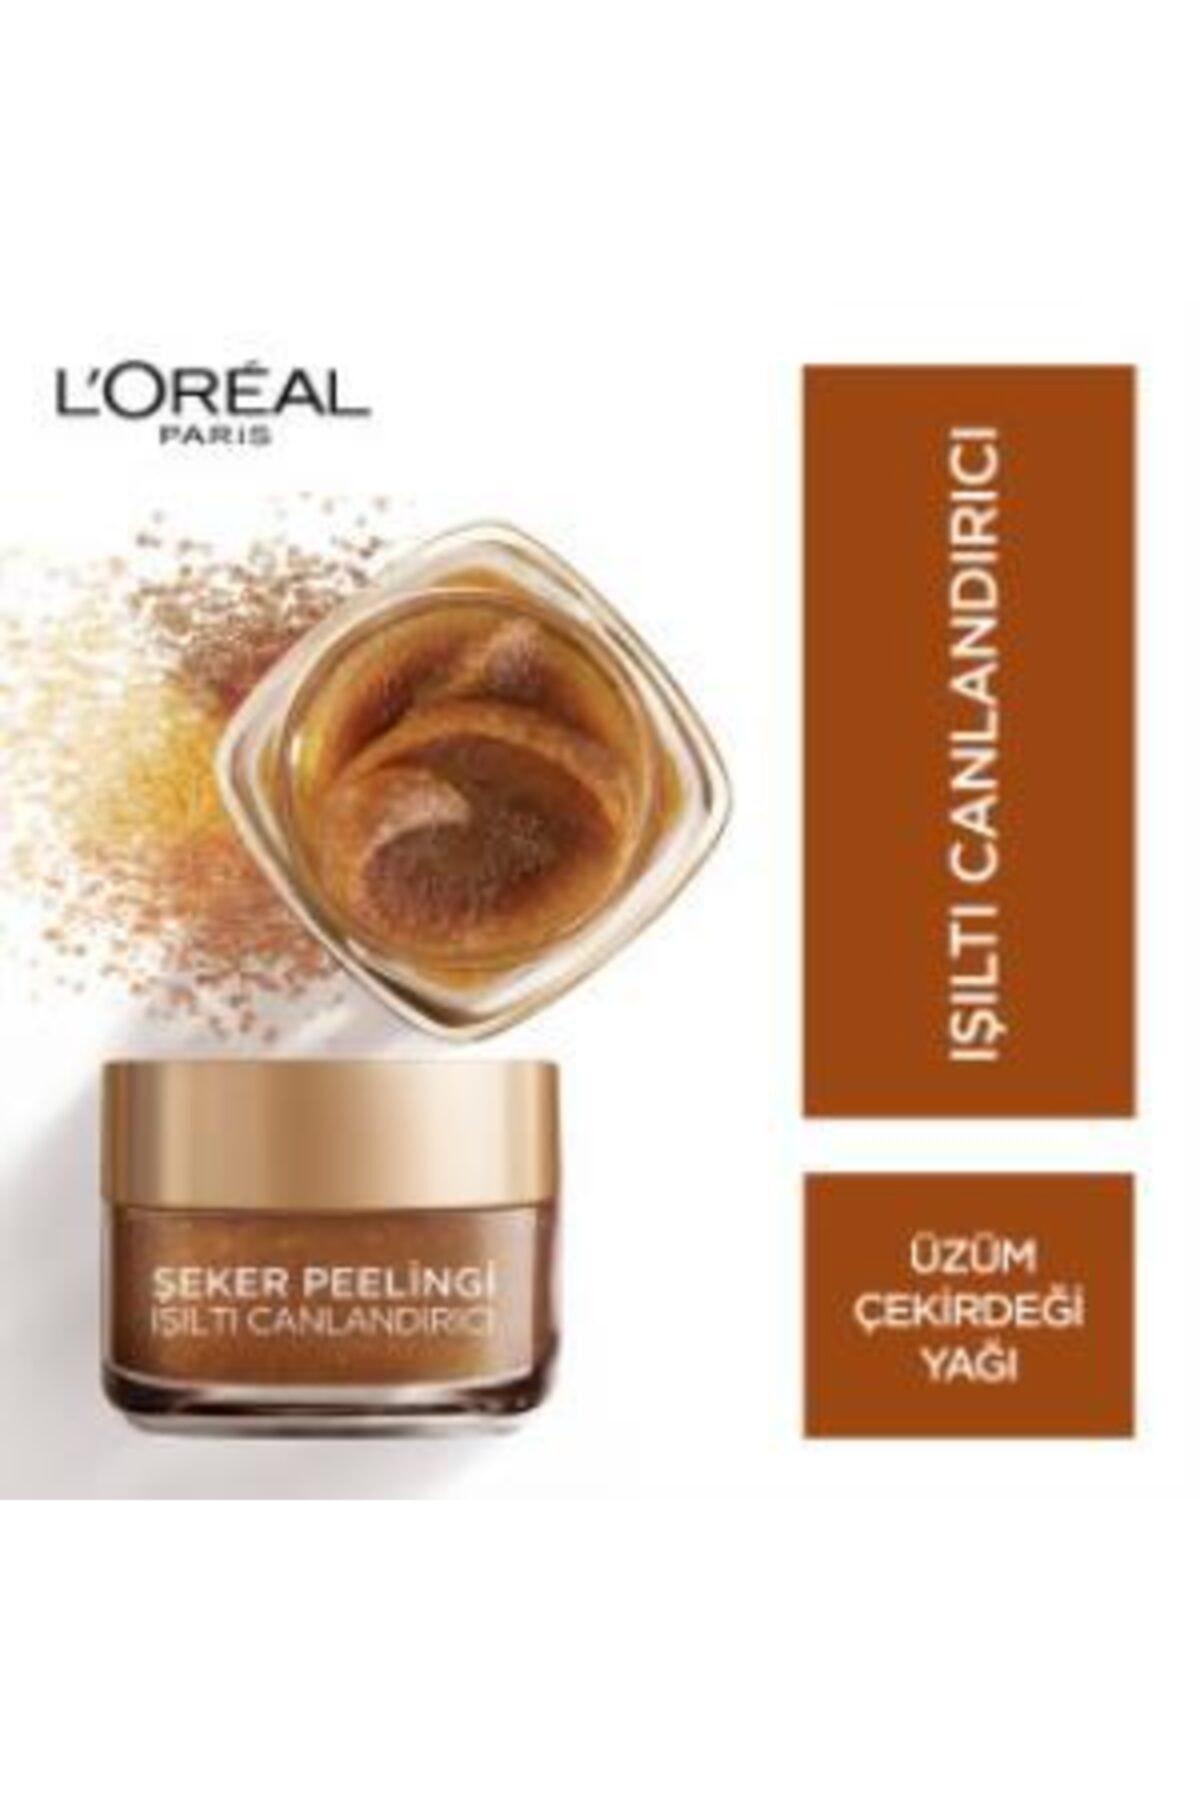 L'Oreal Paris L'oréal Paris Şeker Peelingi Işıltı Canlandırıcı 2